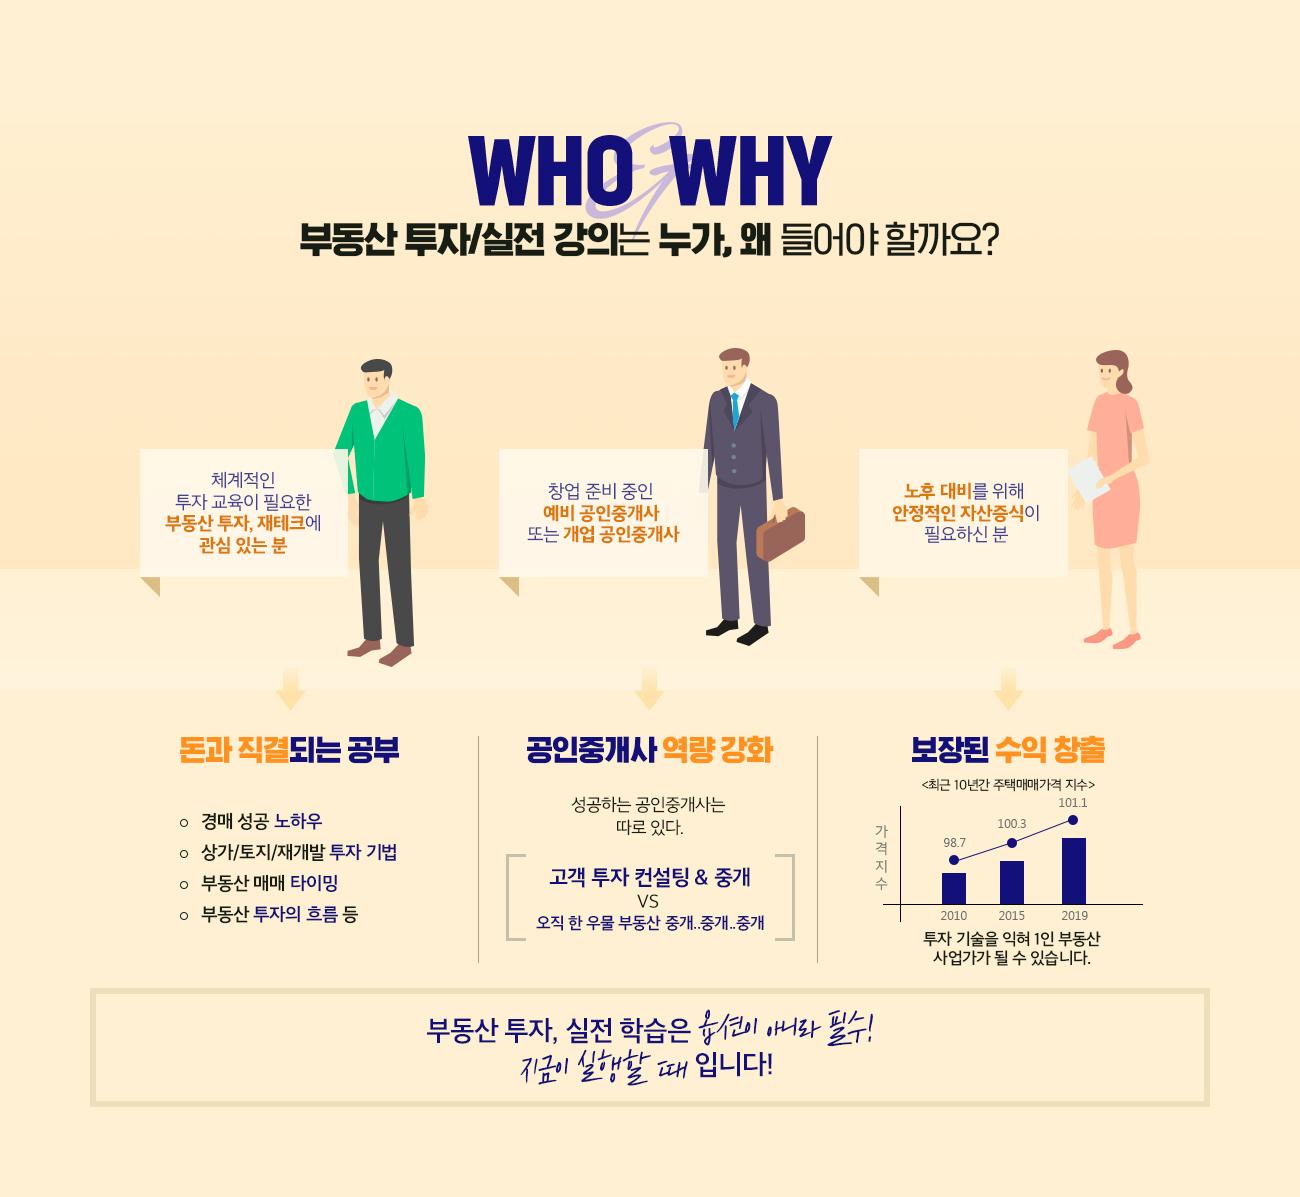 WHO & WHY 부동산 투자/실전 강의는 누가, 왜 들어야 할까요?